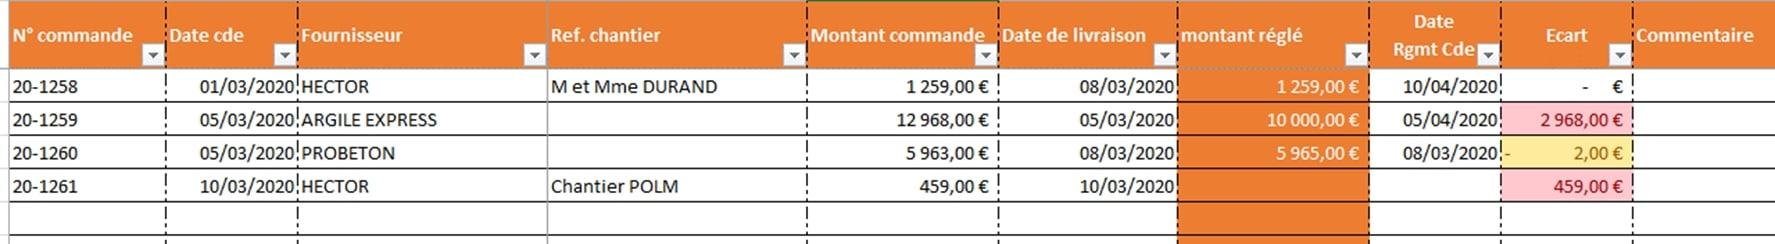 Suivi des commandes sur Excel